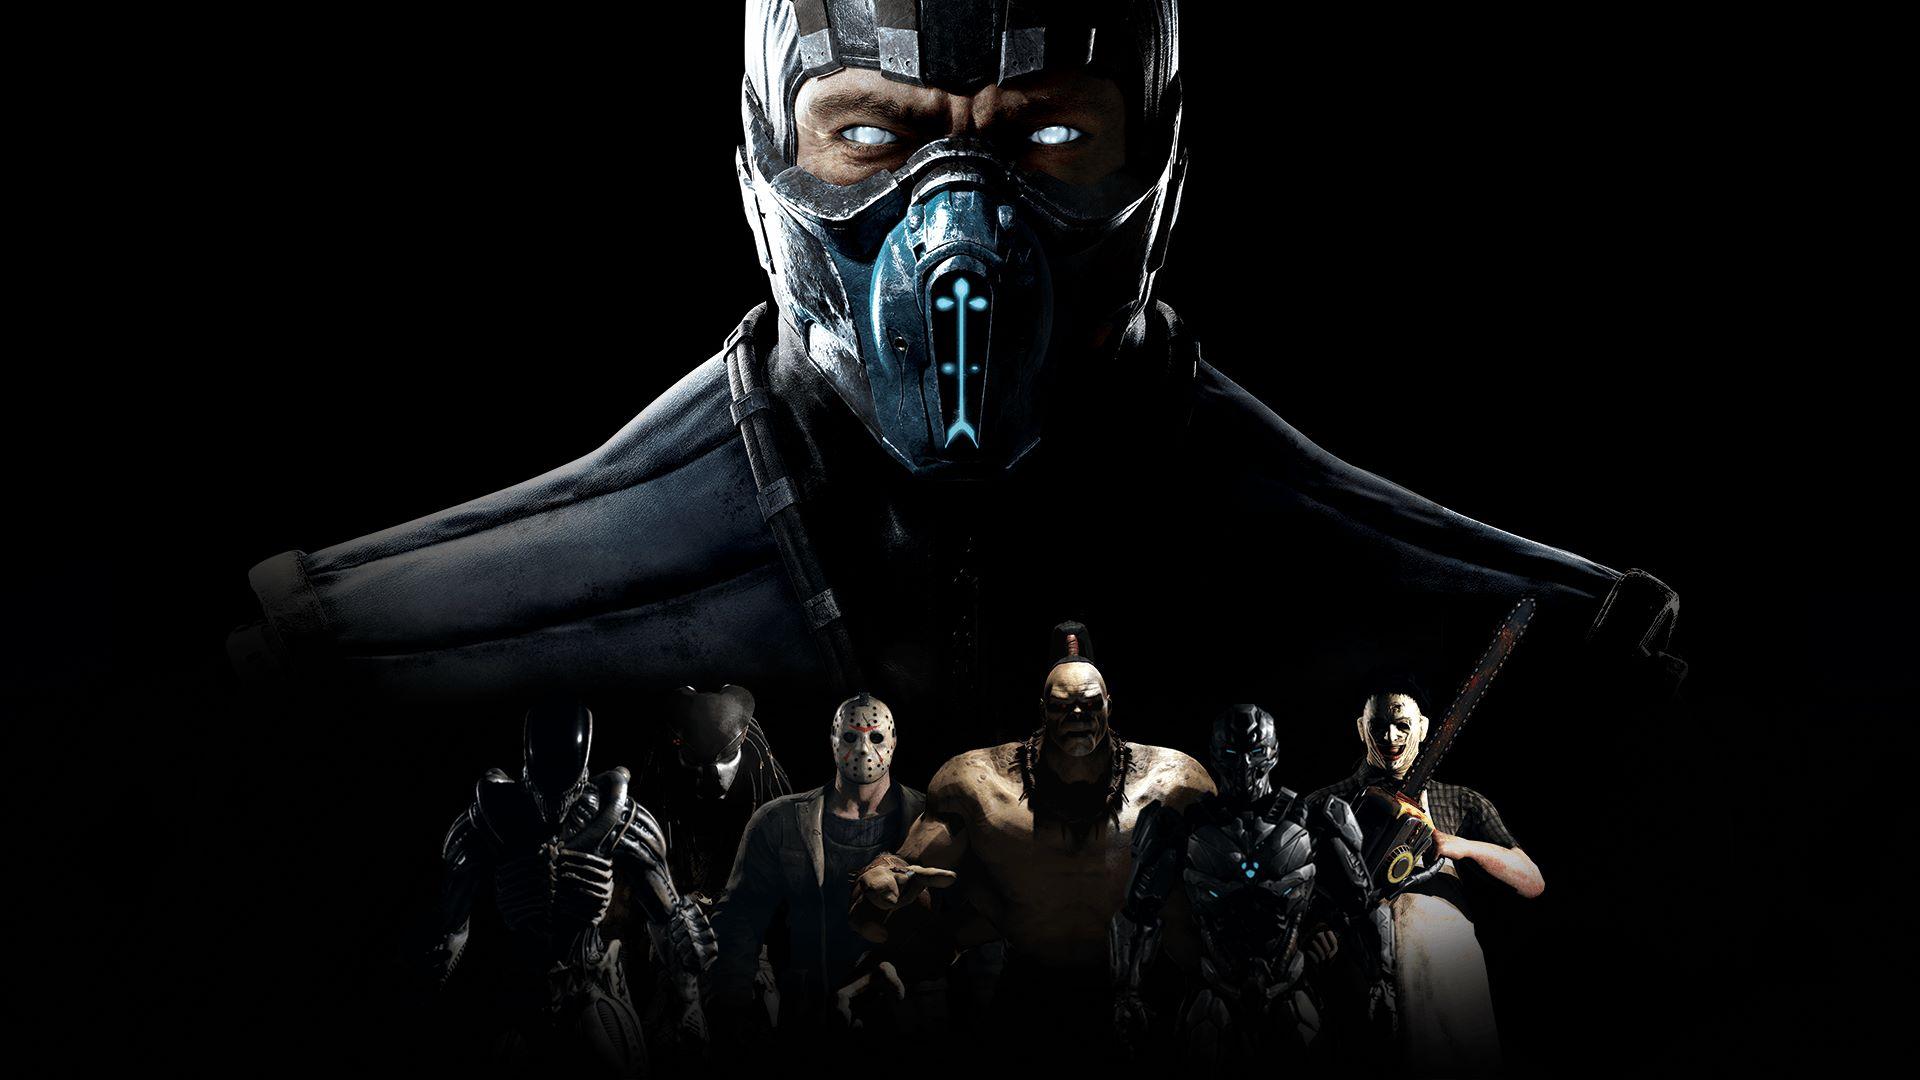 Mortal Kombat movie inbound